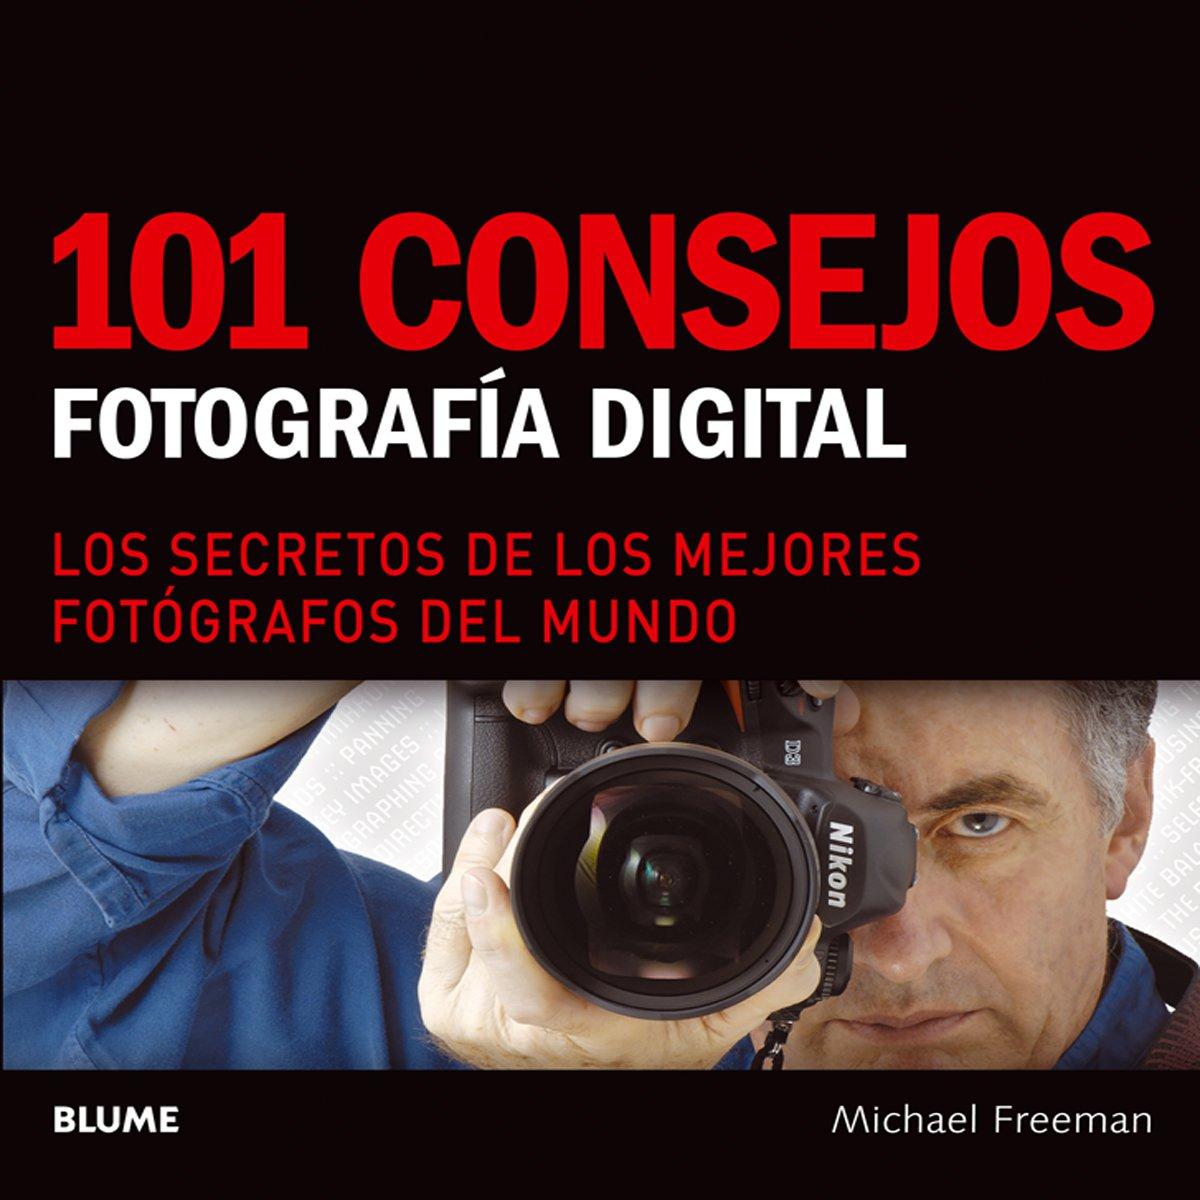 101 consejos: Fotografía digital: Los secretos de los mejores fotógrafos  del mundo (Spanish Edition): Michael Freeman: 9788480768337: Amazon.com:  Books